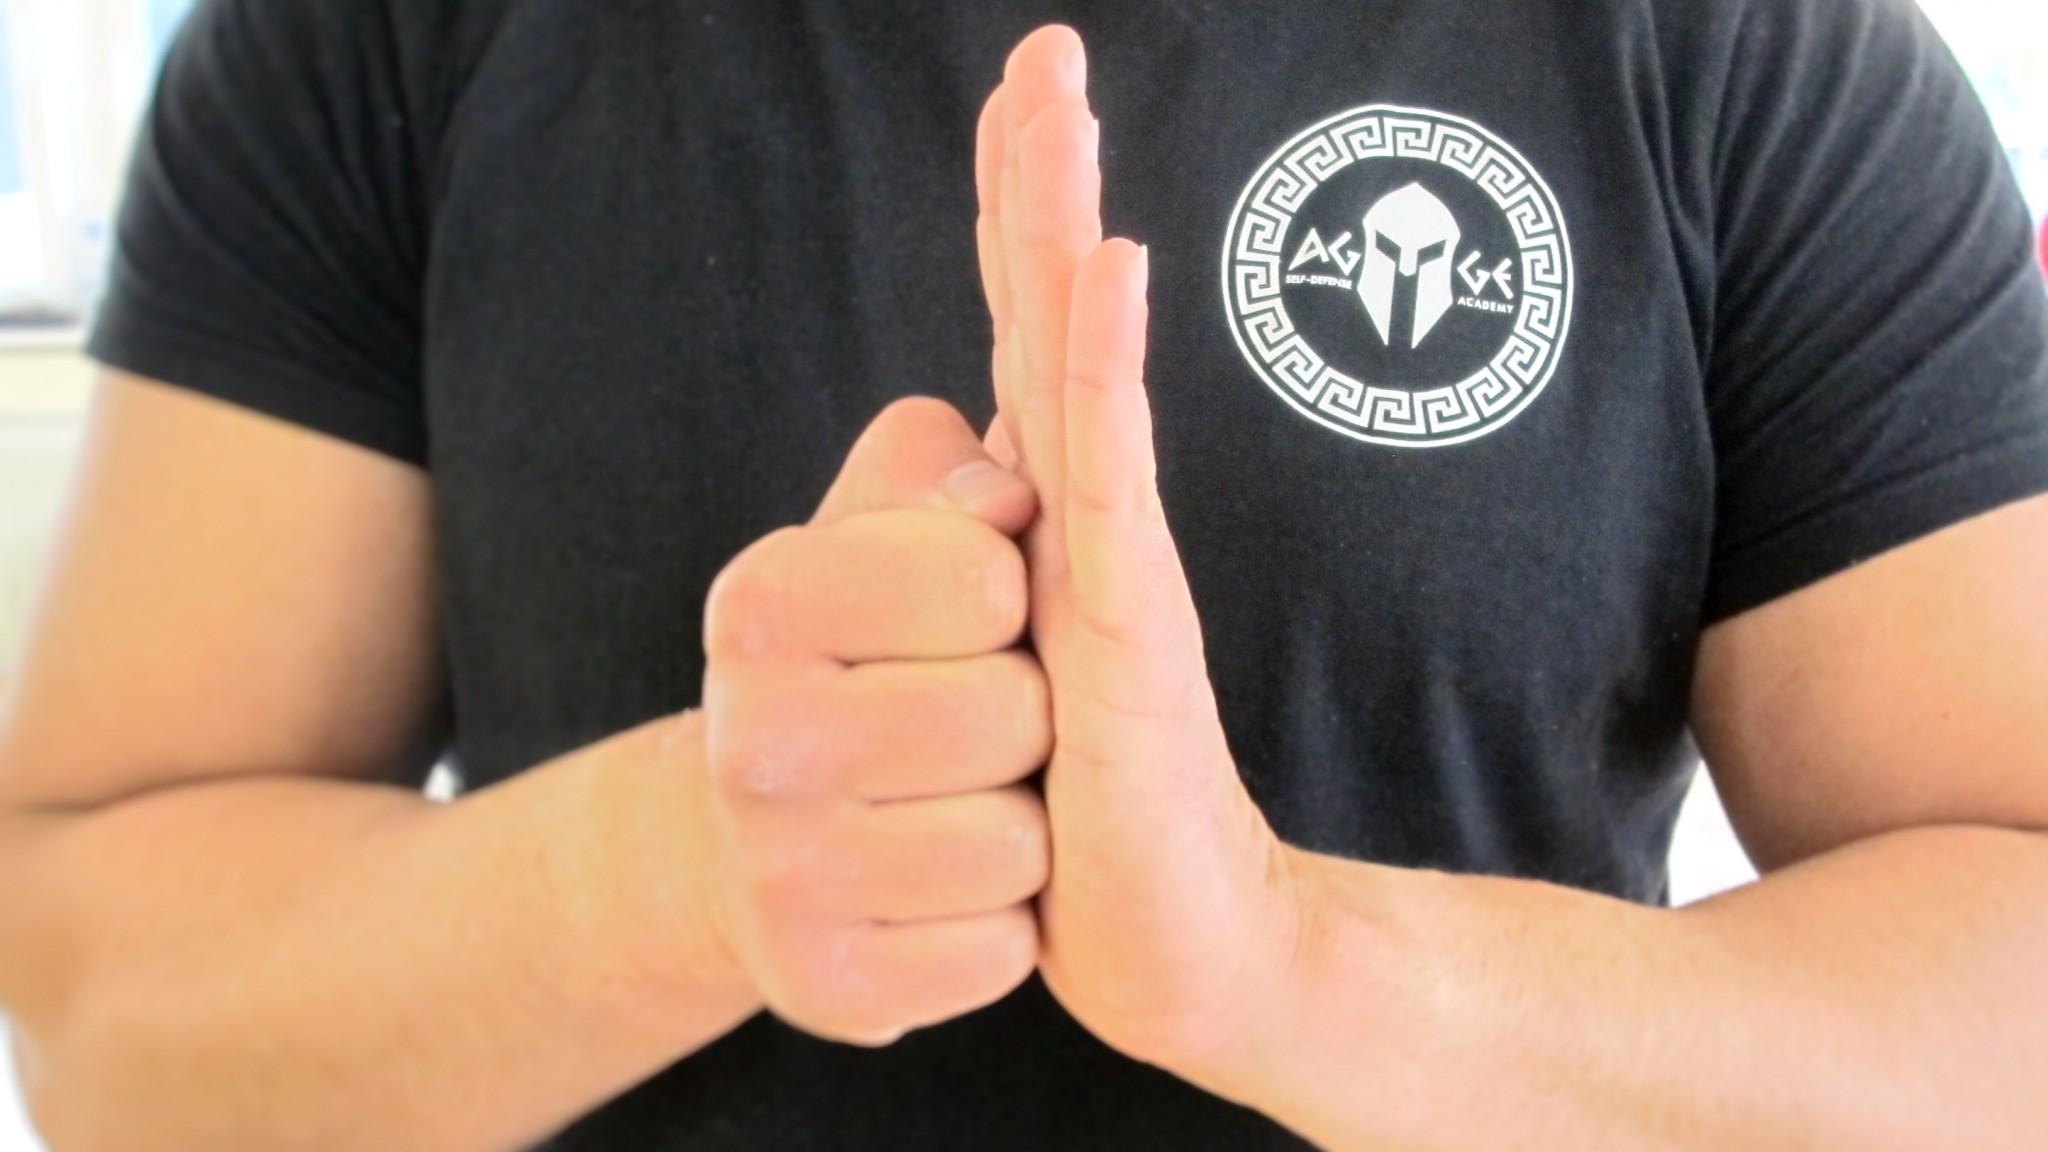 Waiblingen, Wing Tsun, Kung Fu, Selbstverteidigung, MMA Martial Arts, Krav Maga, Karate, Kampfsport